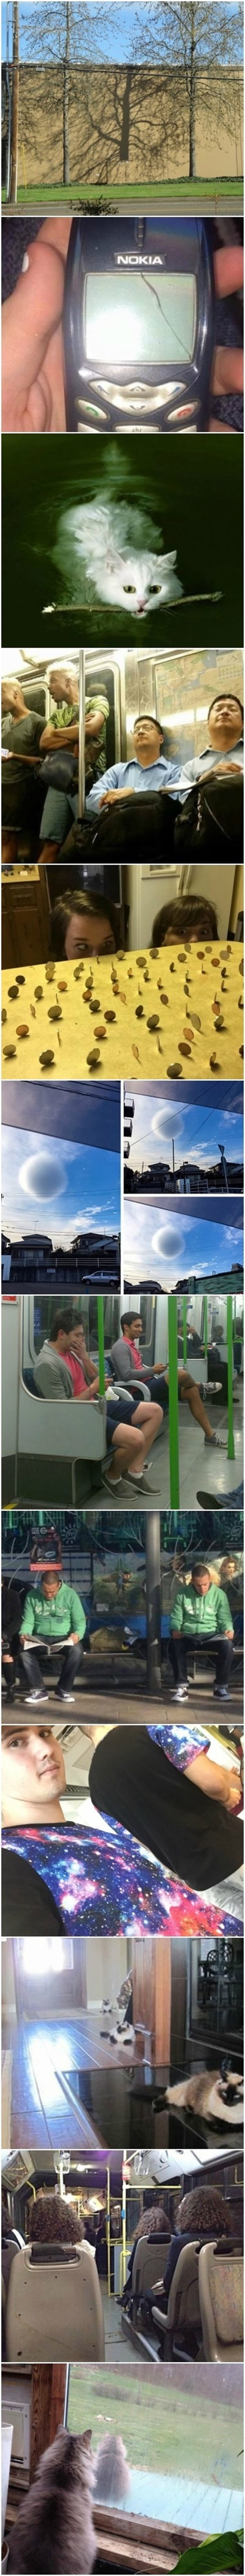 Ove čudne fotografije snimljene su u paralelnom svemiru